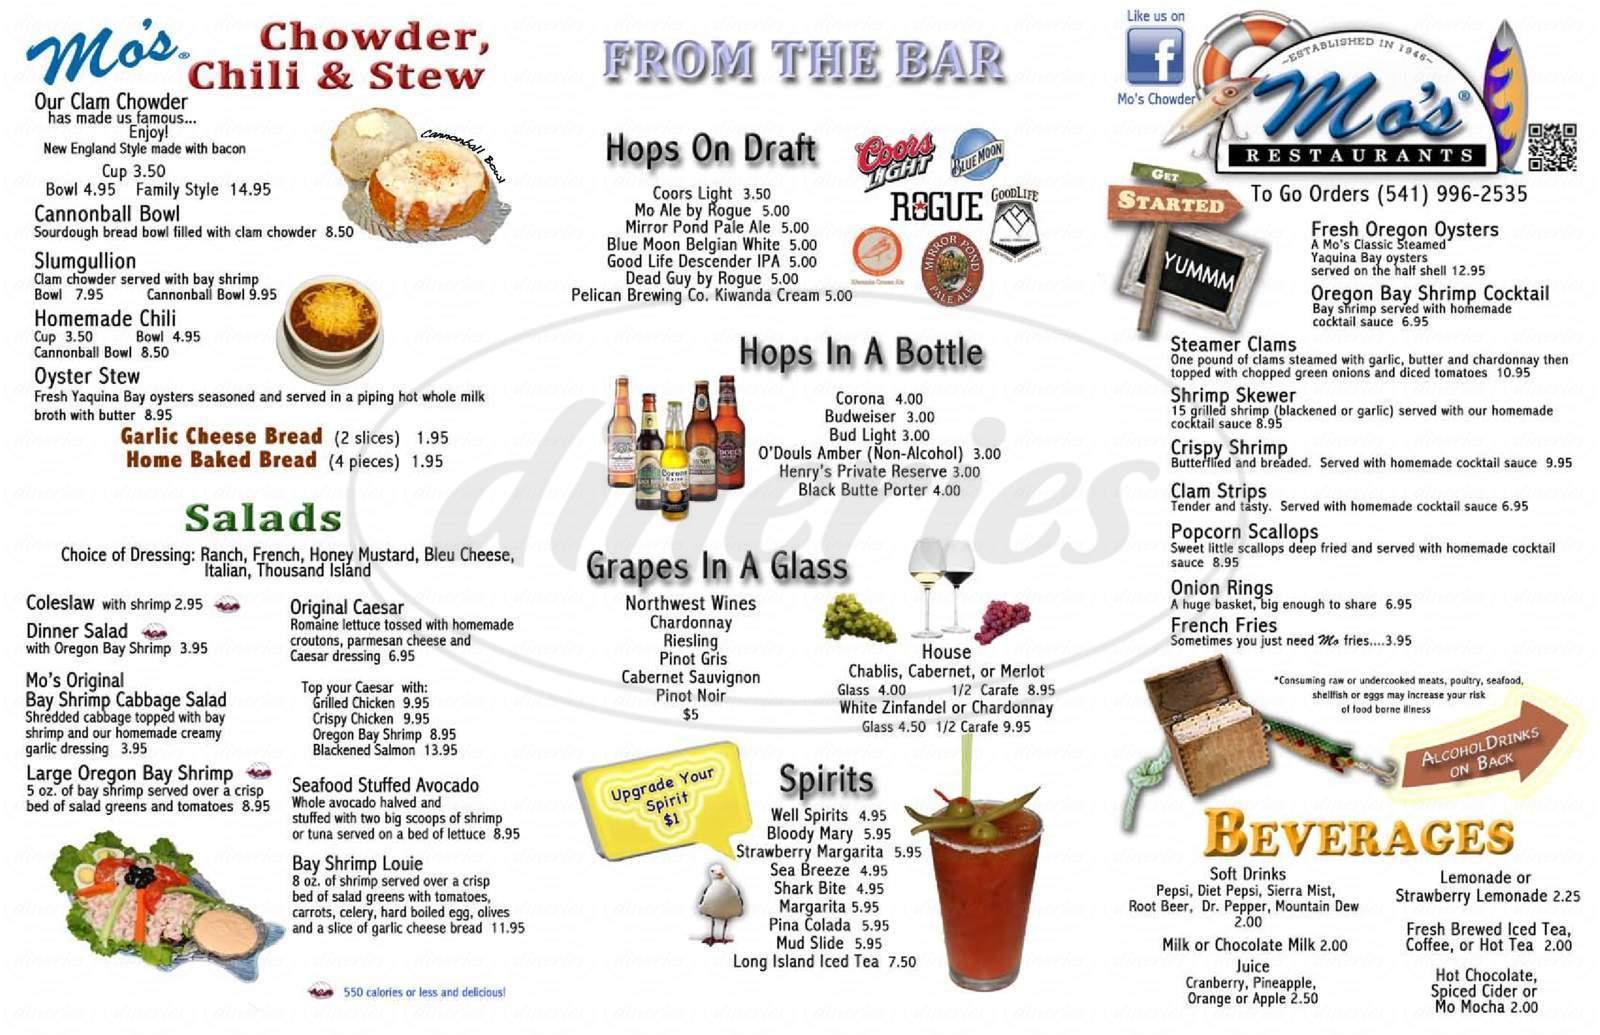 menu for Mo's